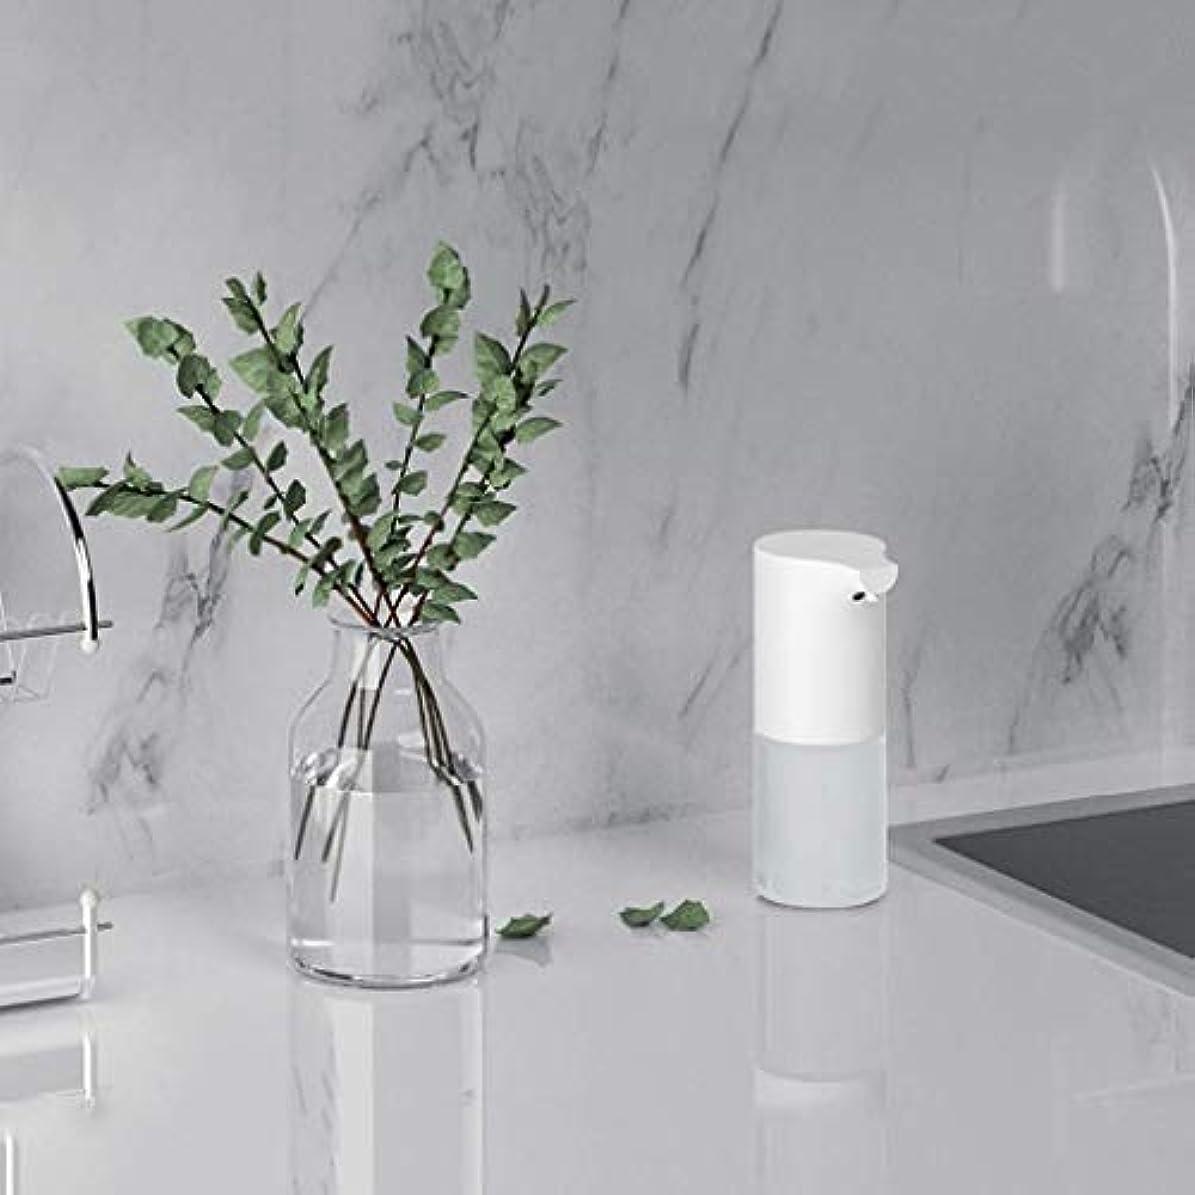 放射性最も早いキャッシュ赤外線センサー泡手消毒剤320ミリリットル環境保護素材石鹸ボトルキッチンバスルームローション(色:白、サイズ:19 * 9.8 * 7.3 cm) (Color : White, Size : 19*9.8*7.3cm)